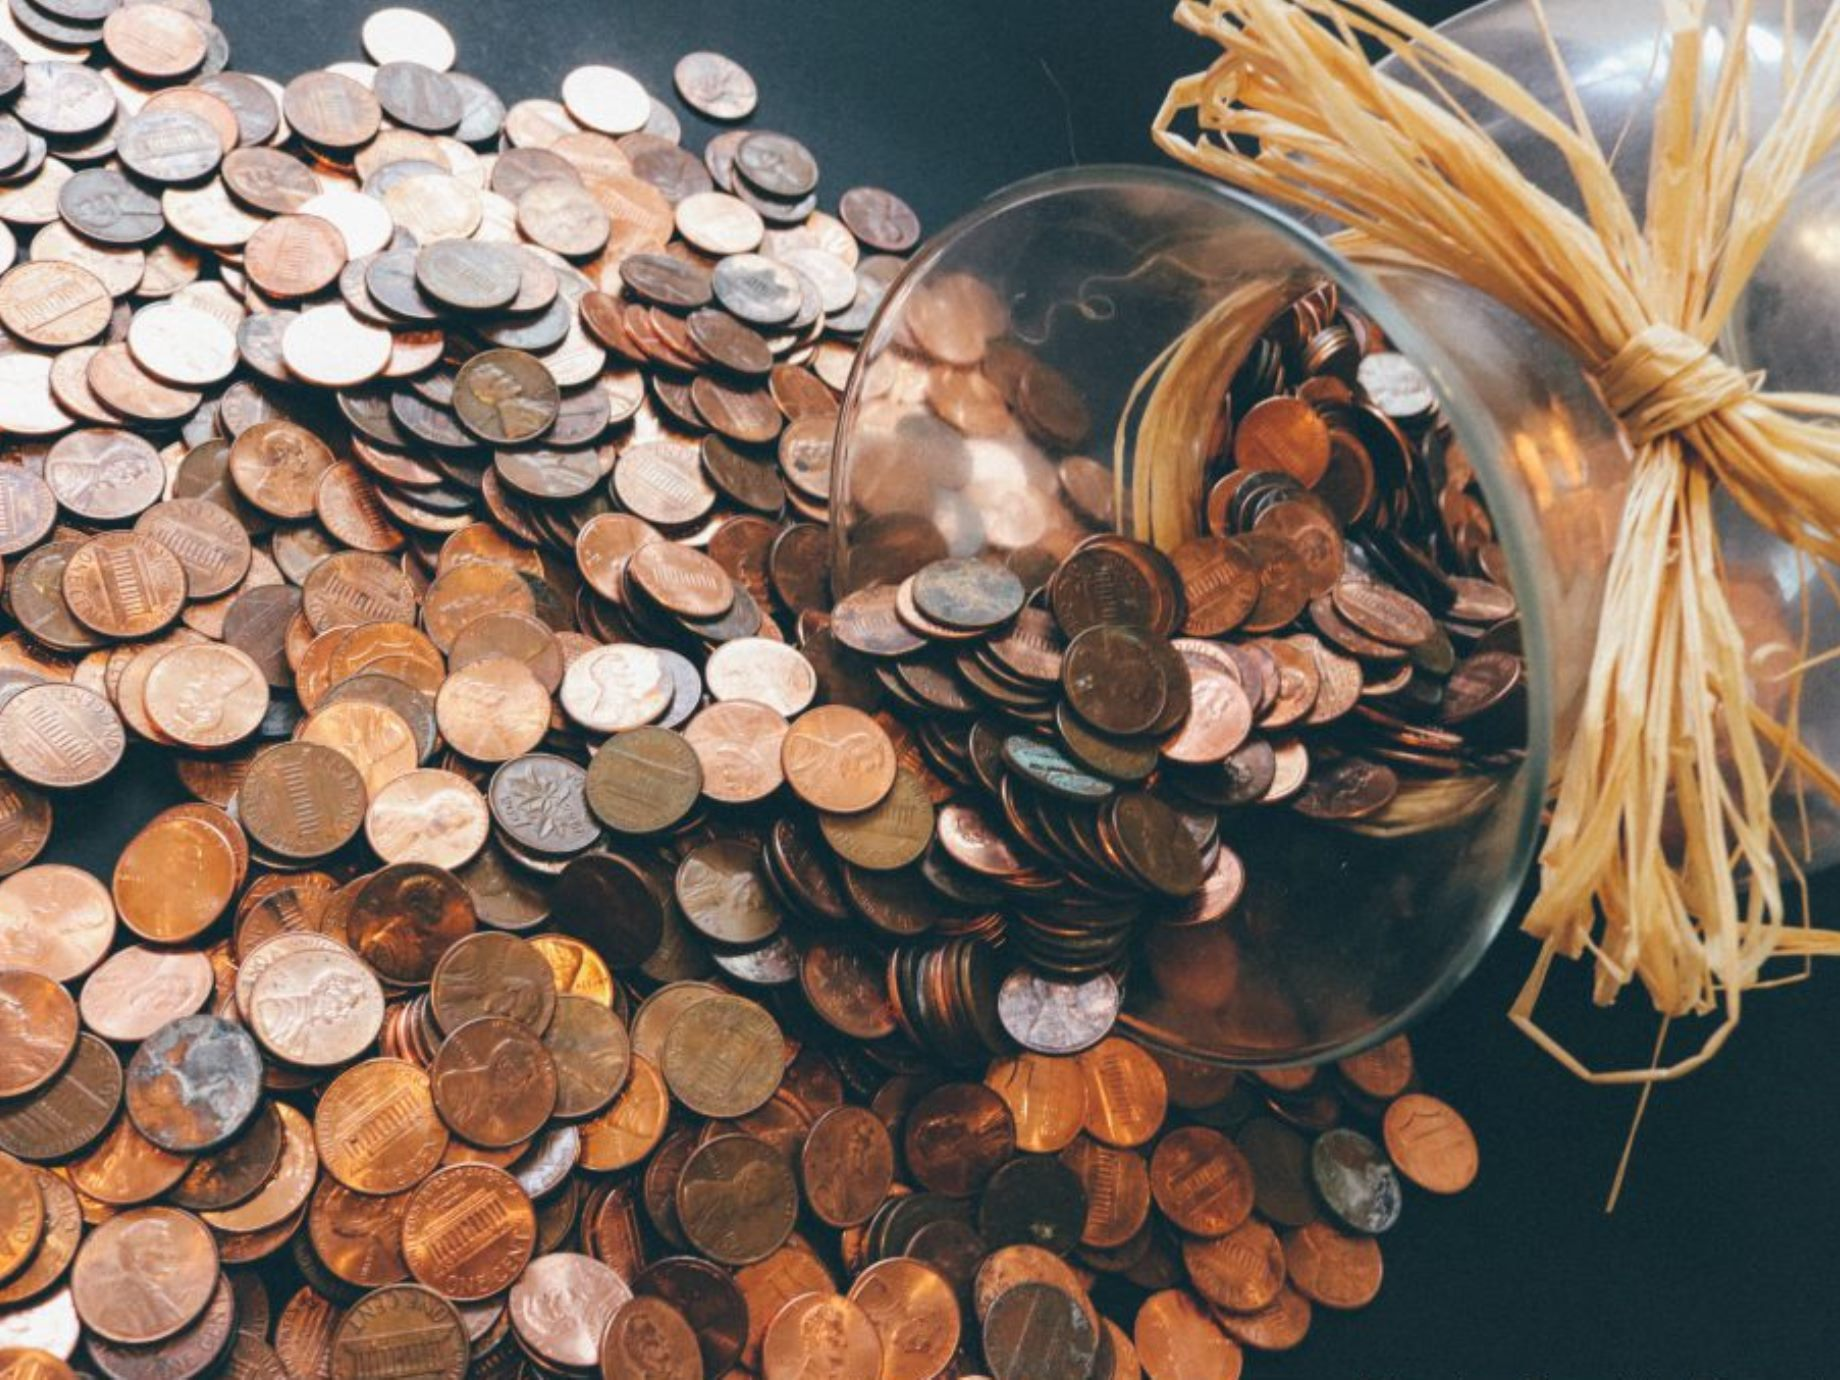 月光族要如何存錢?美國Fintech新創「Long Game」用遊戲鼓勵儲蓄,成功募得660萬美元資金